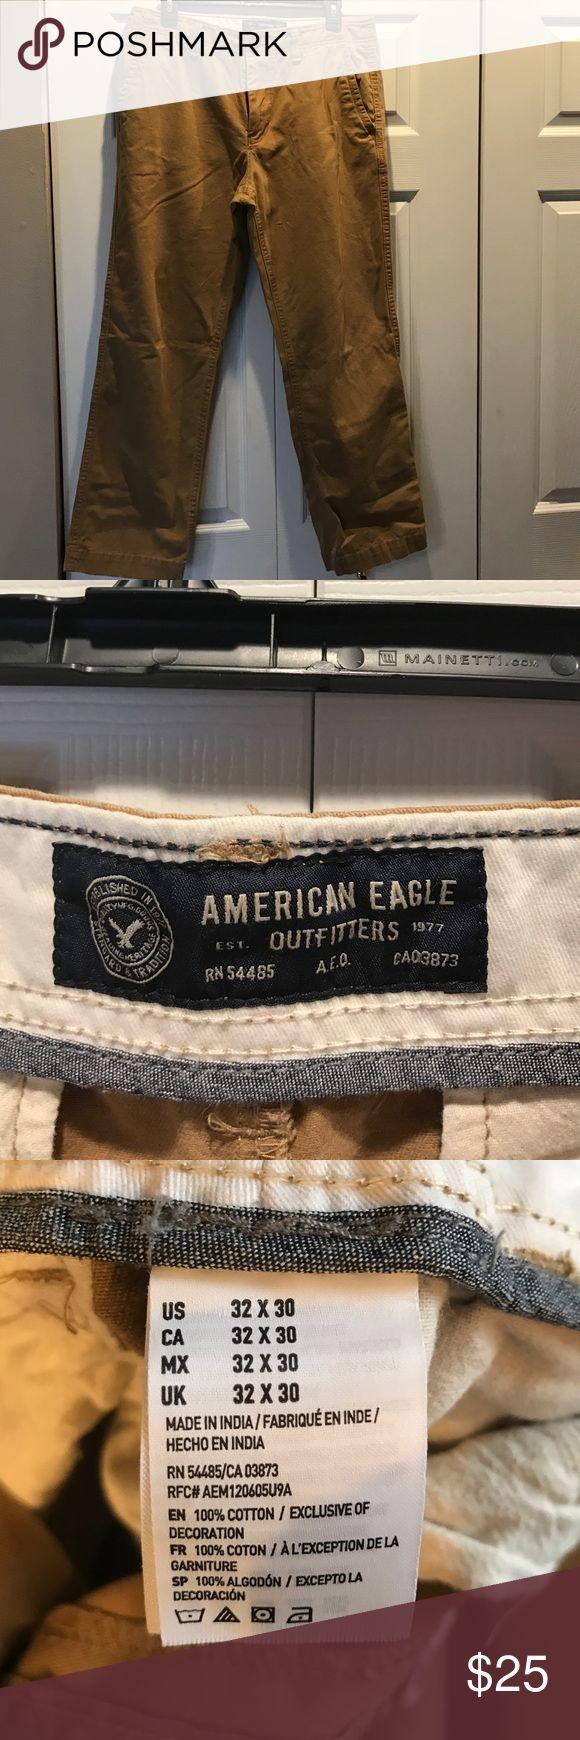 American Eagle Men's khaki pants size 32x30 Gently used American eagle men's khaki pants size 32x30. American Eagle Outfitters Pants Chinos & Khakis